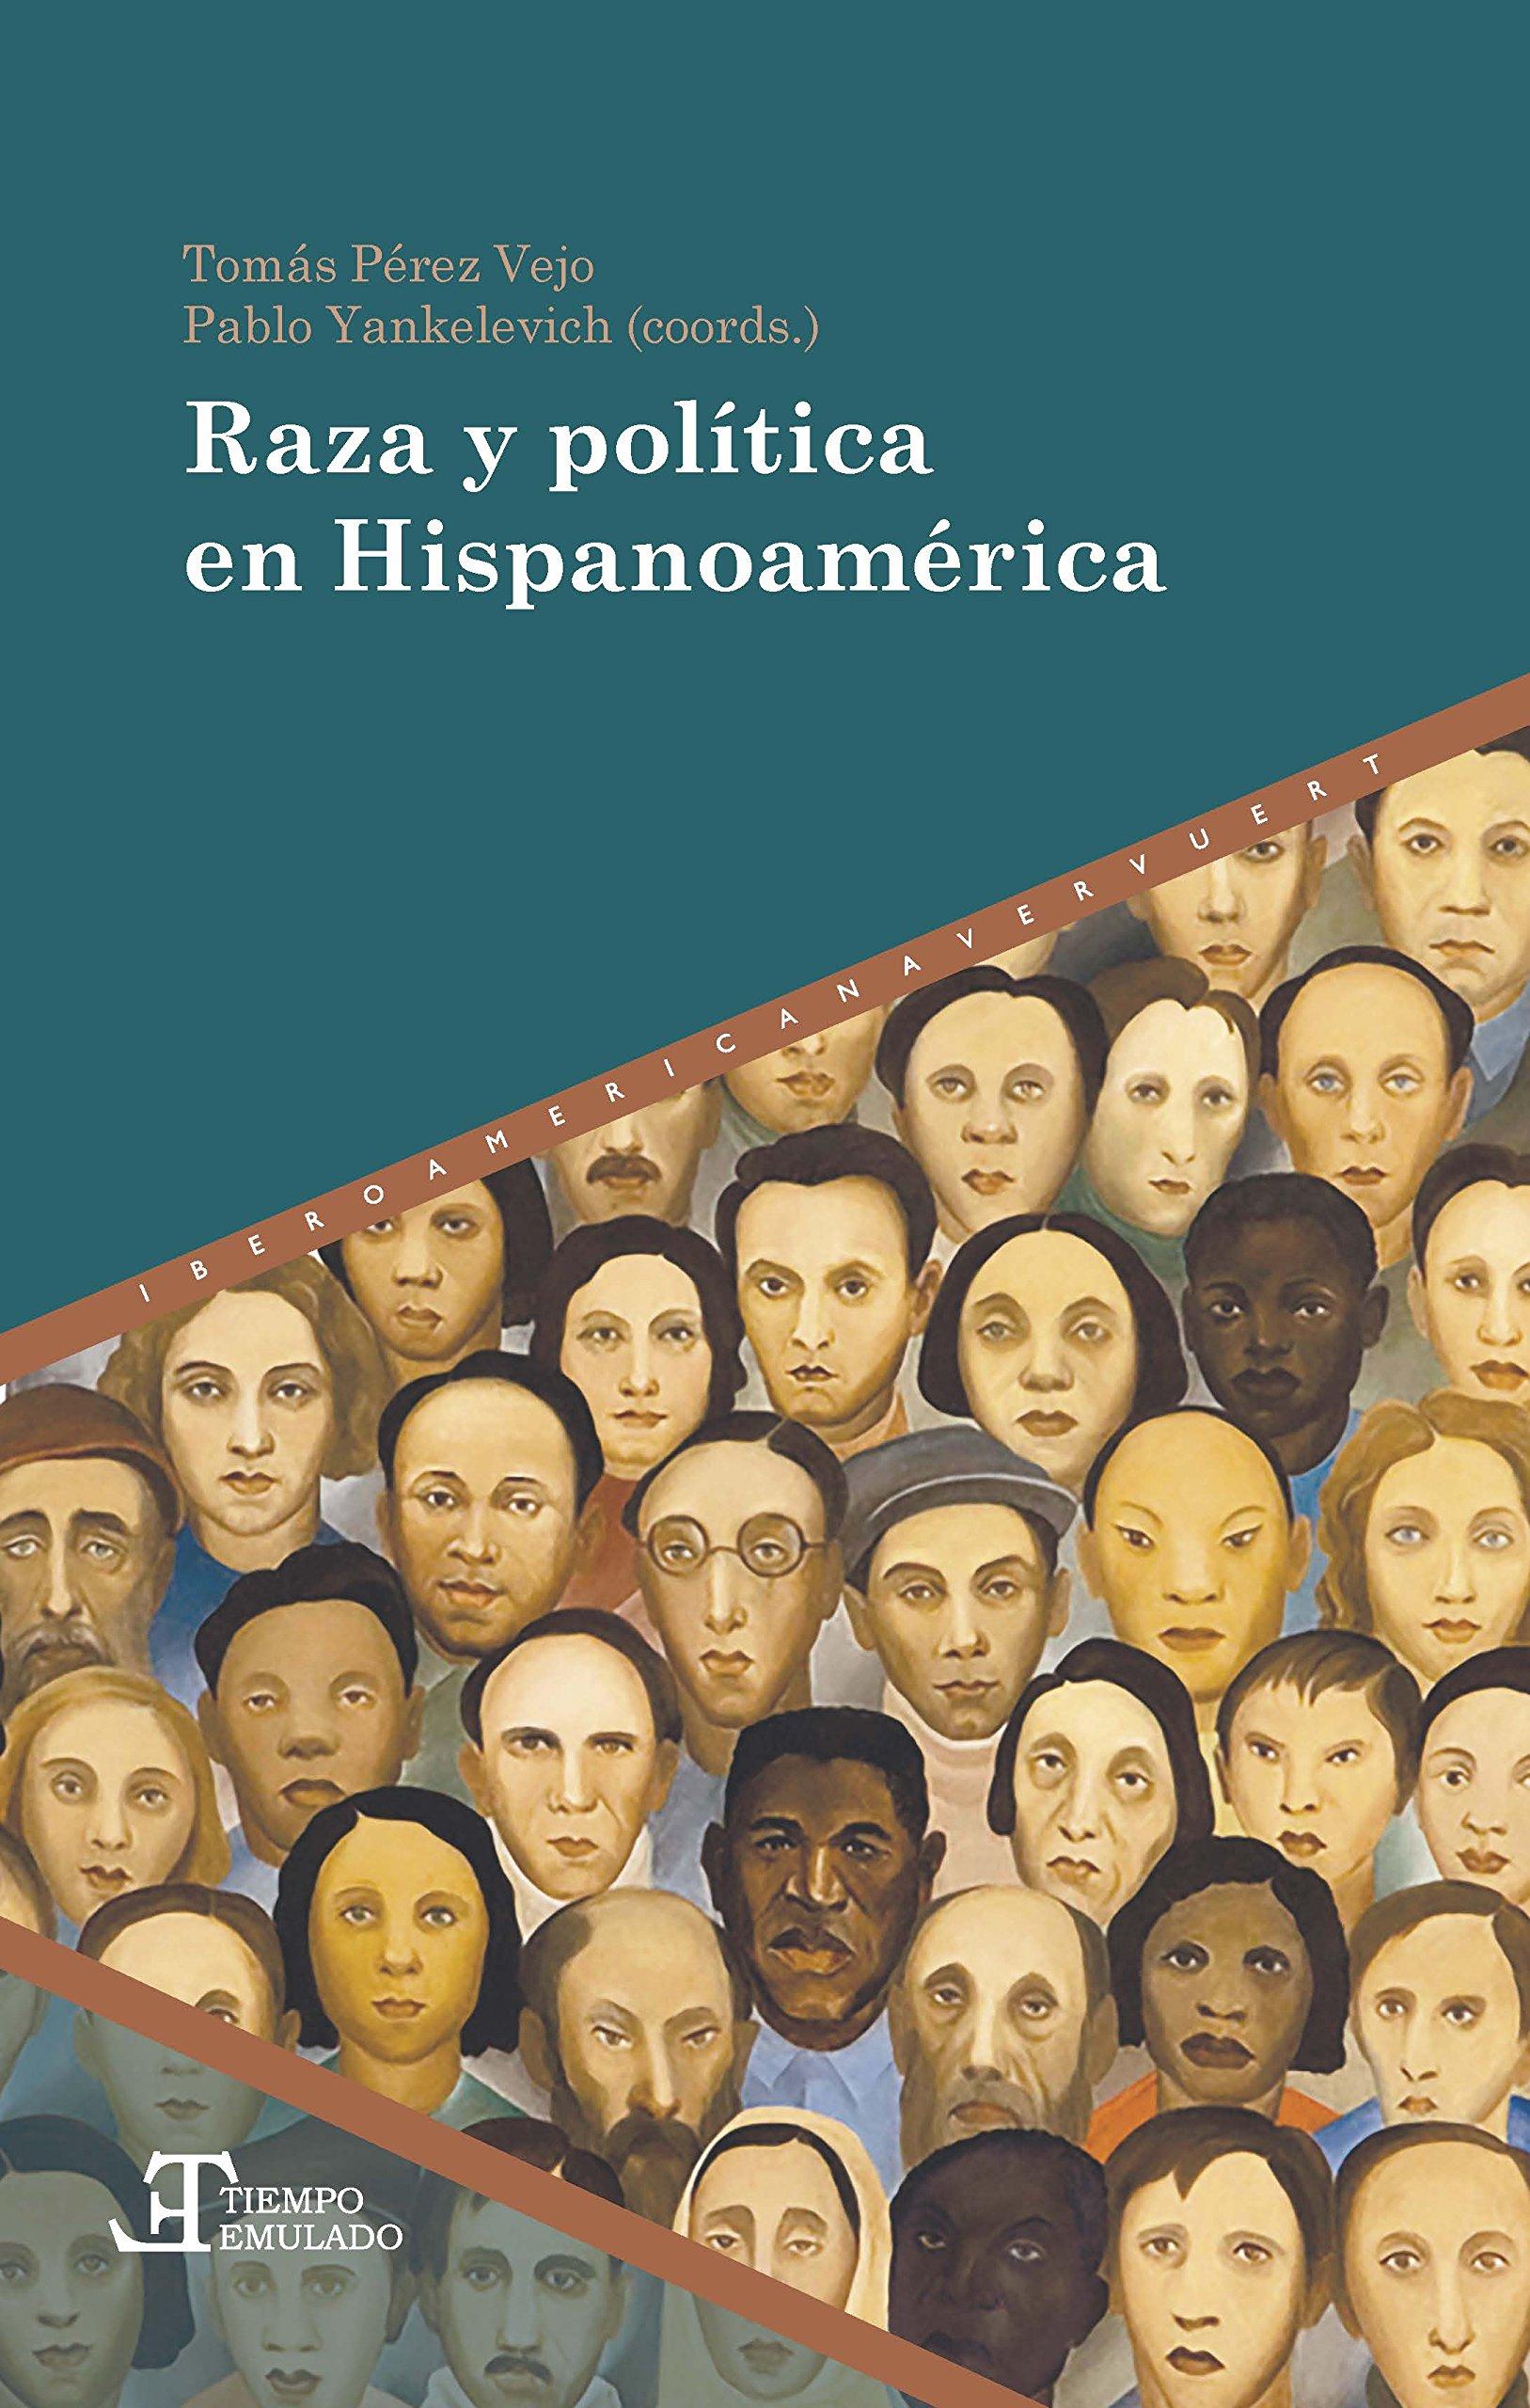 Raza y política en Hispanoamérica Tiempo emulado. Historia de América y España: Amazon.es: Pérez Vejo, Tomás, Yankelevich, Pablo: Libros